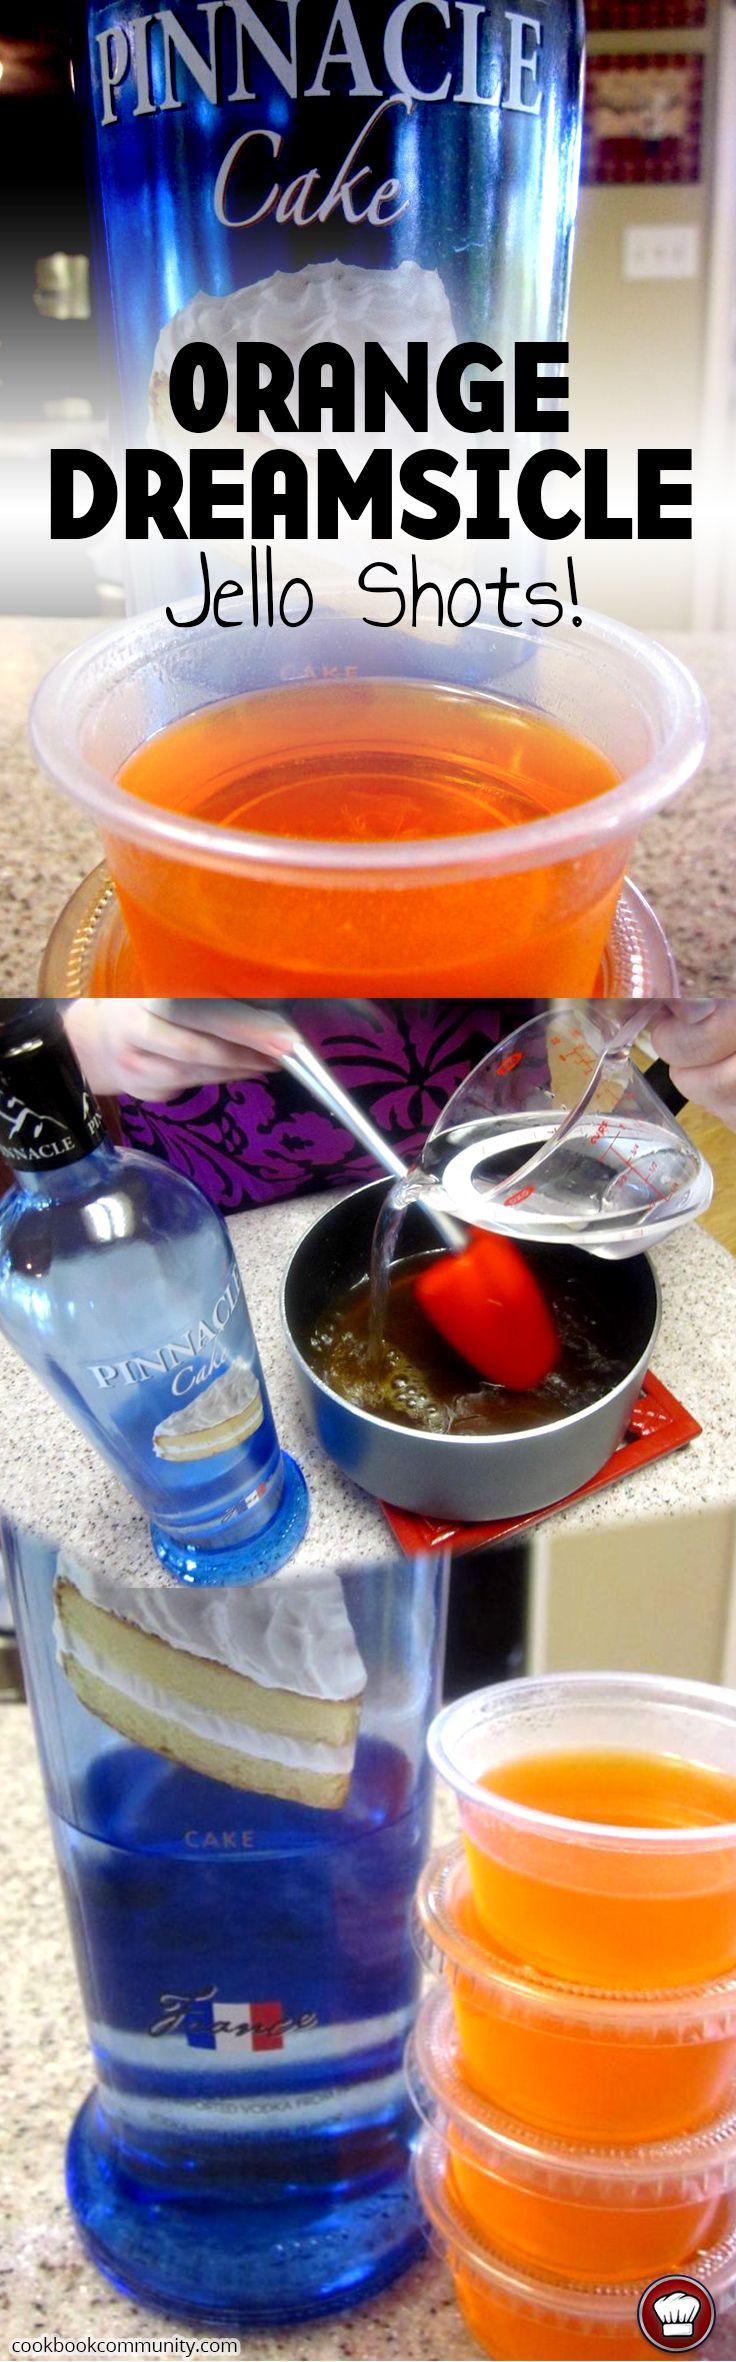 Orange Dreamsicle Jello Shots Recipe Drinks Jello